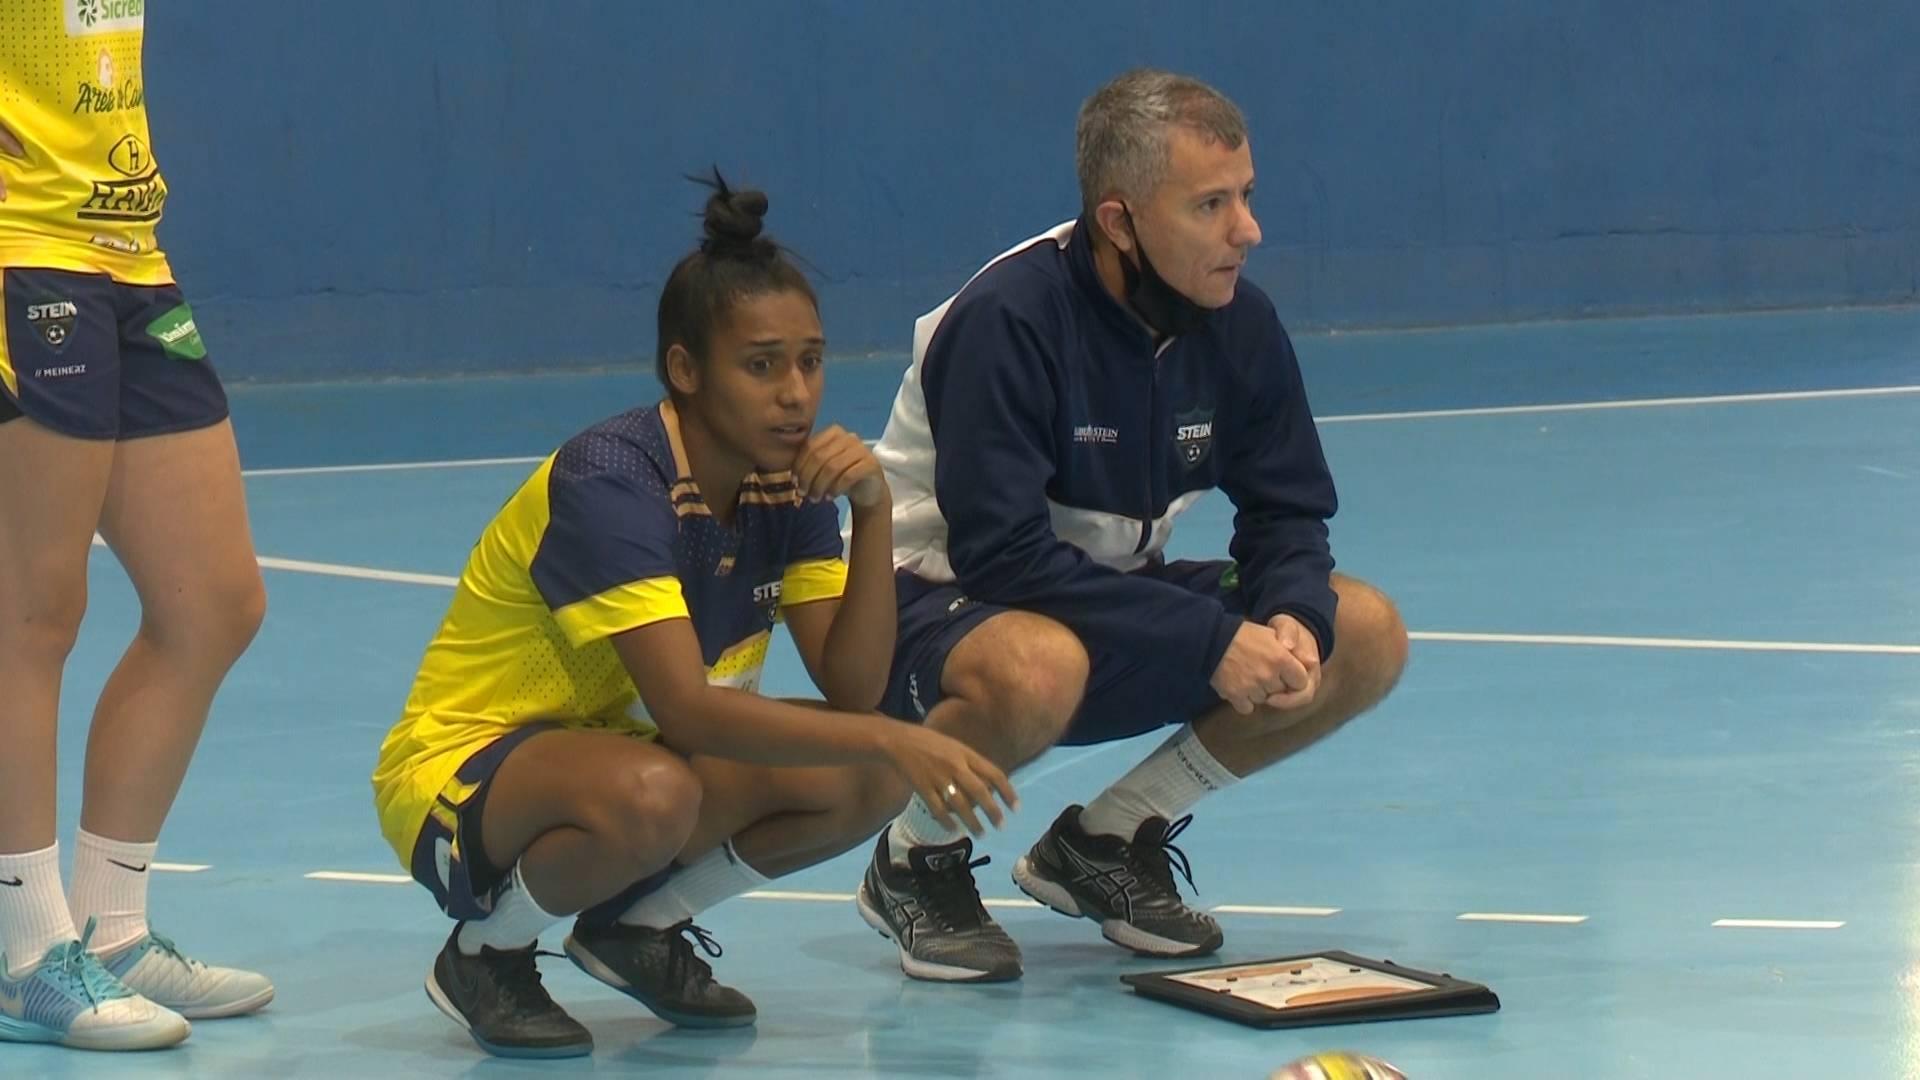 Jackinha é novo reforço do Stein Cascavel Futsal